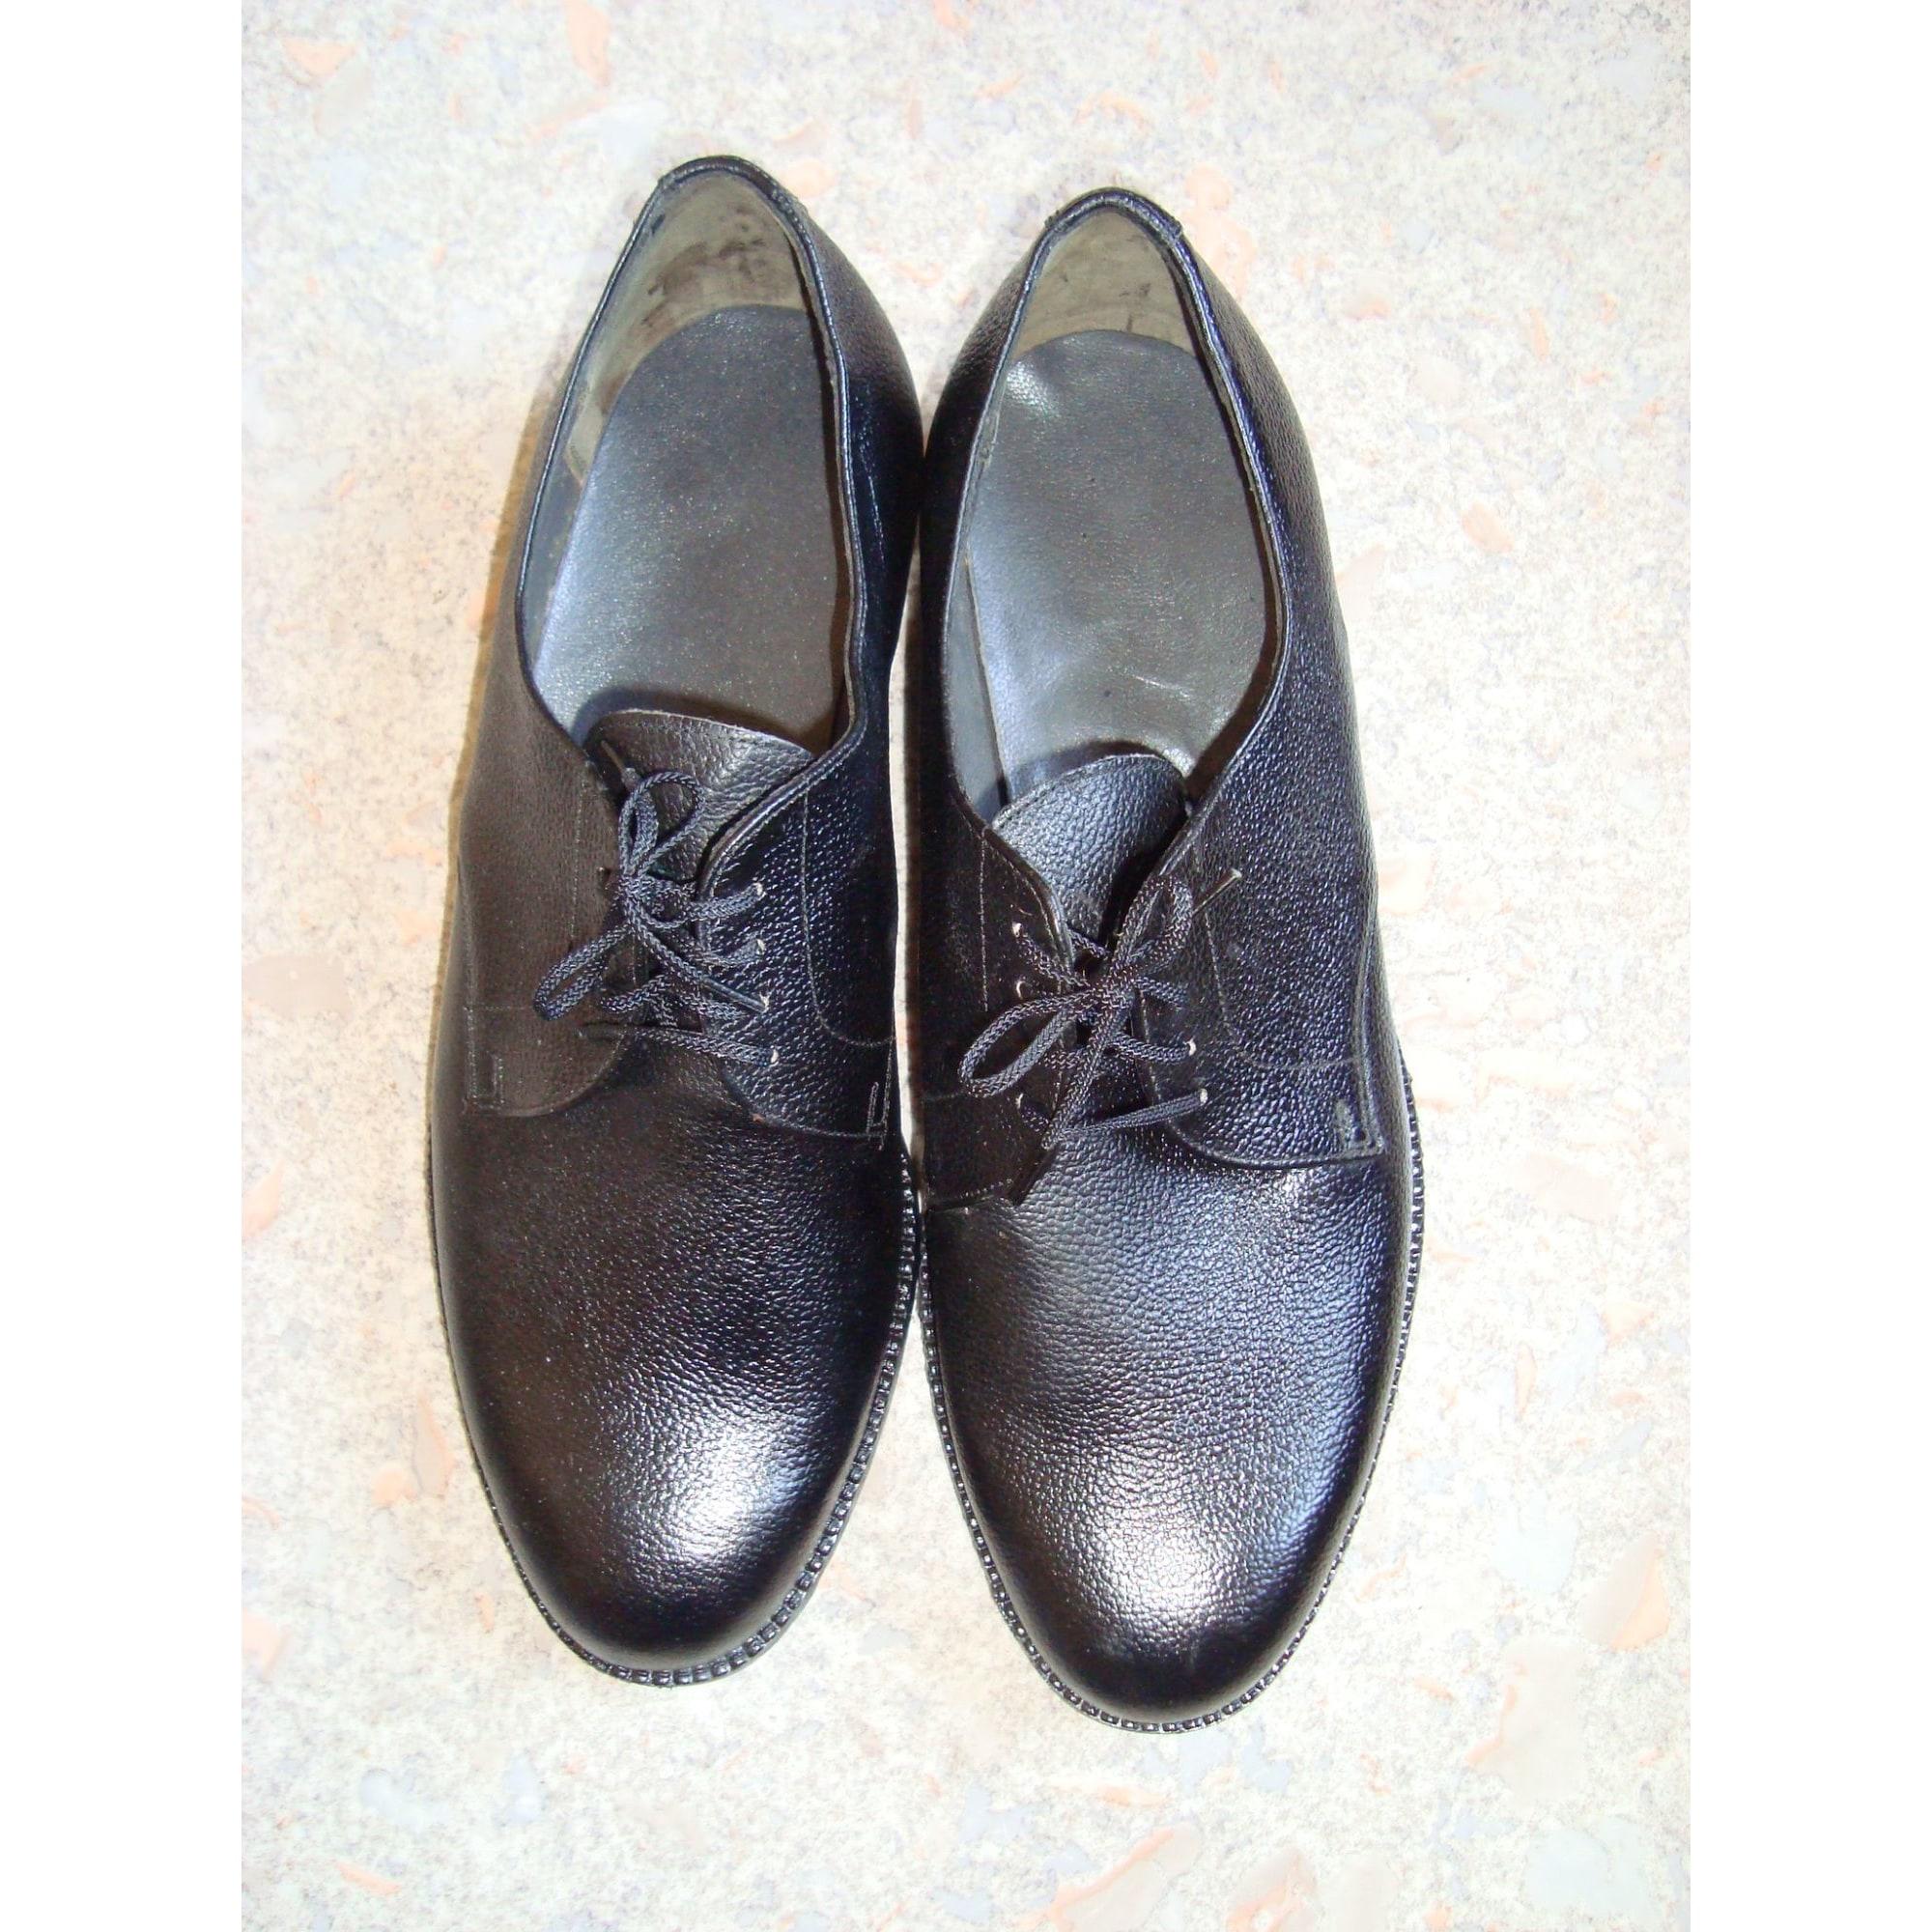 Lace Up Shoes BATA Black